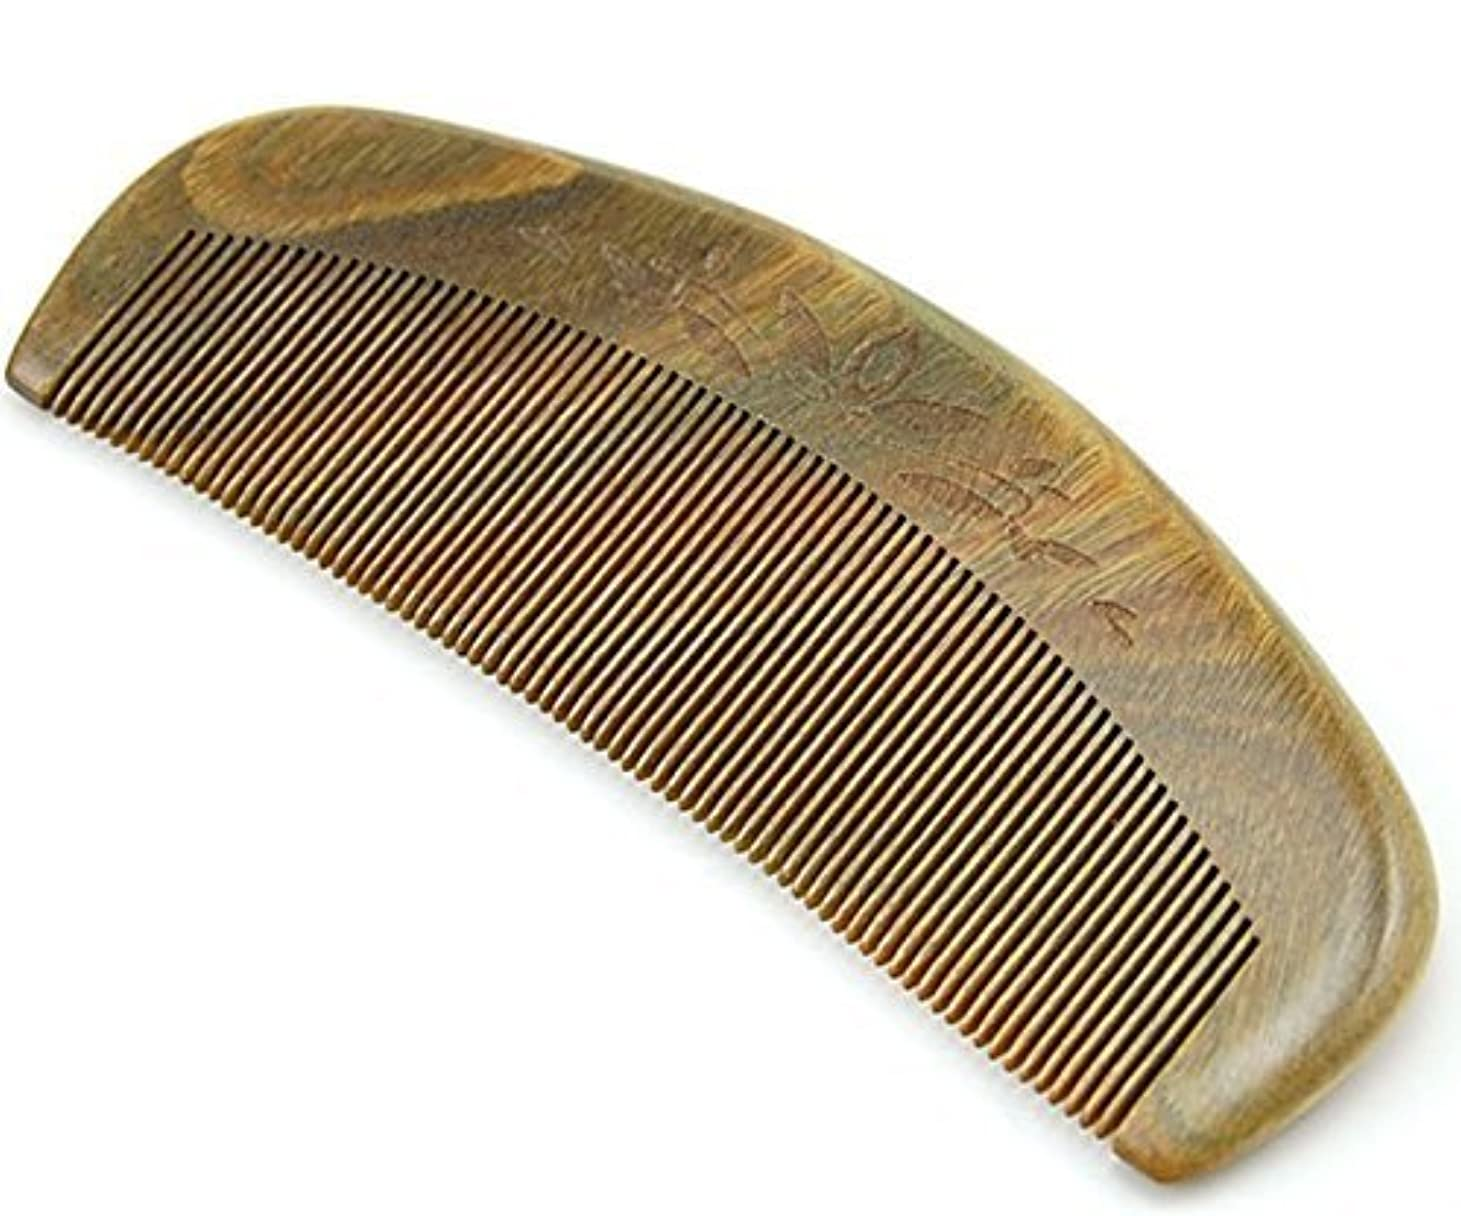 説教する受信機迷信Joyo Natural Green Sandalwood Fine Tooth Comb, Anti Static Pocket Wooden Comb 5